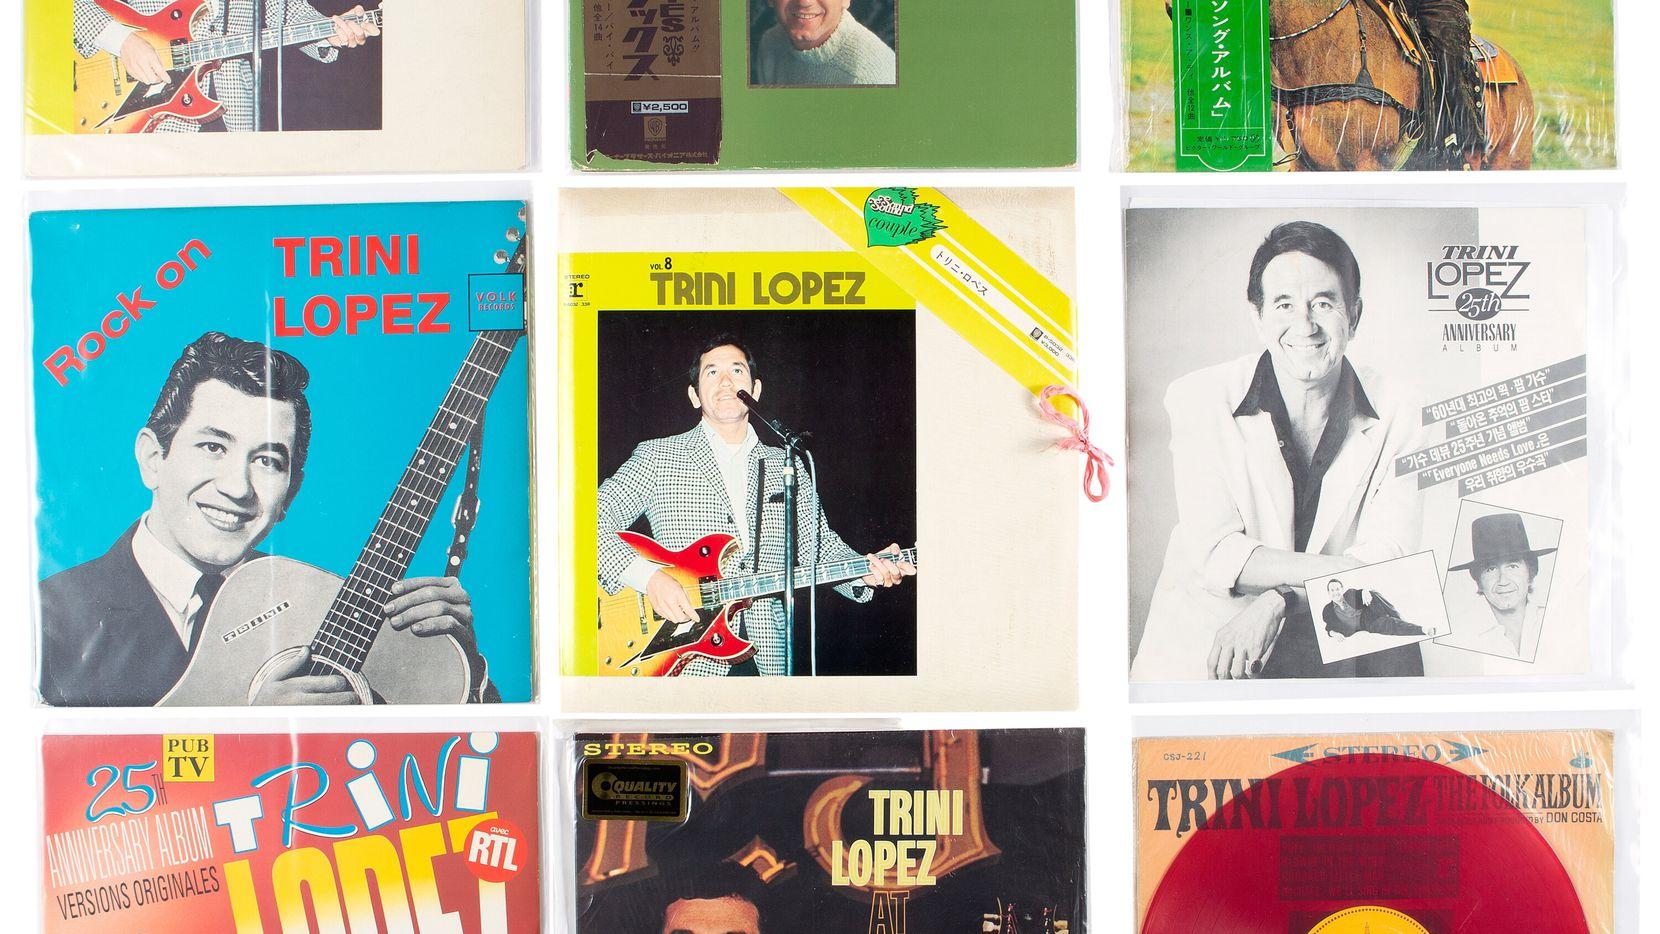 Los acetatos originales de Trini López son parte de una subasta de sus recuerdos. López, un músico legendario, falleció en agosto pasado.